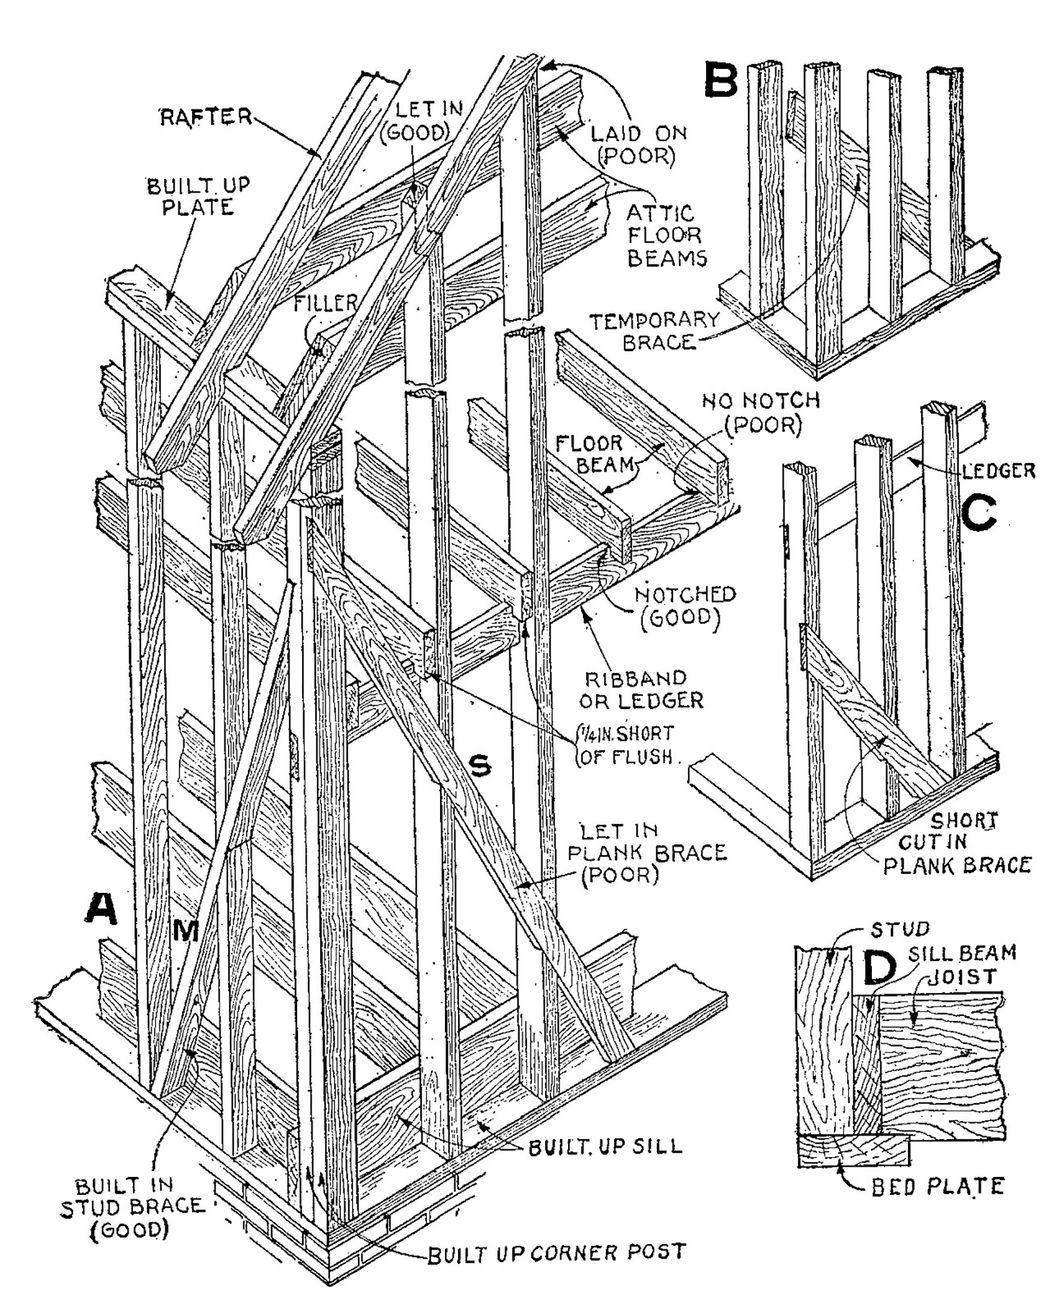 Audel's Carpenter's and Builder's Guide © 1923. Courtesy Padiglione USA 17. Mostra internazionale di Architettura, Venezia 2021